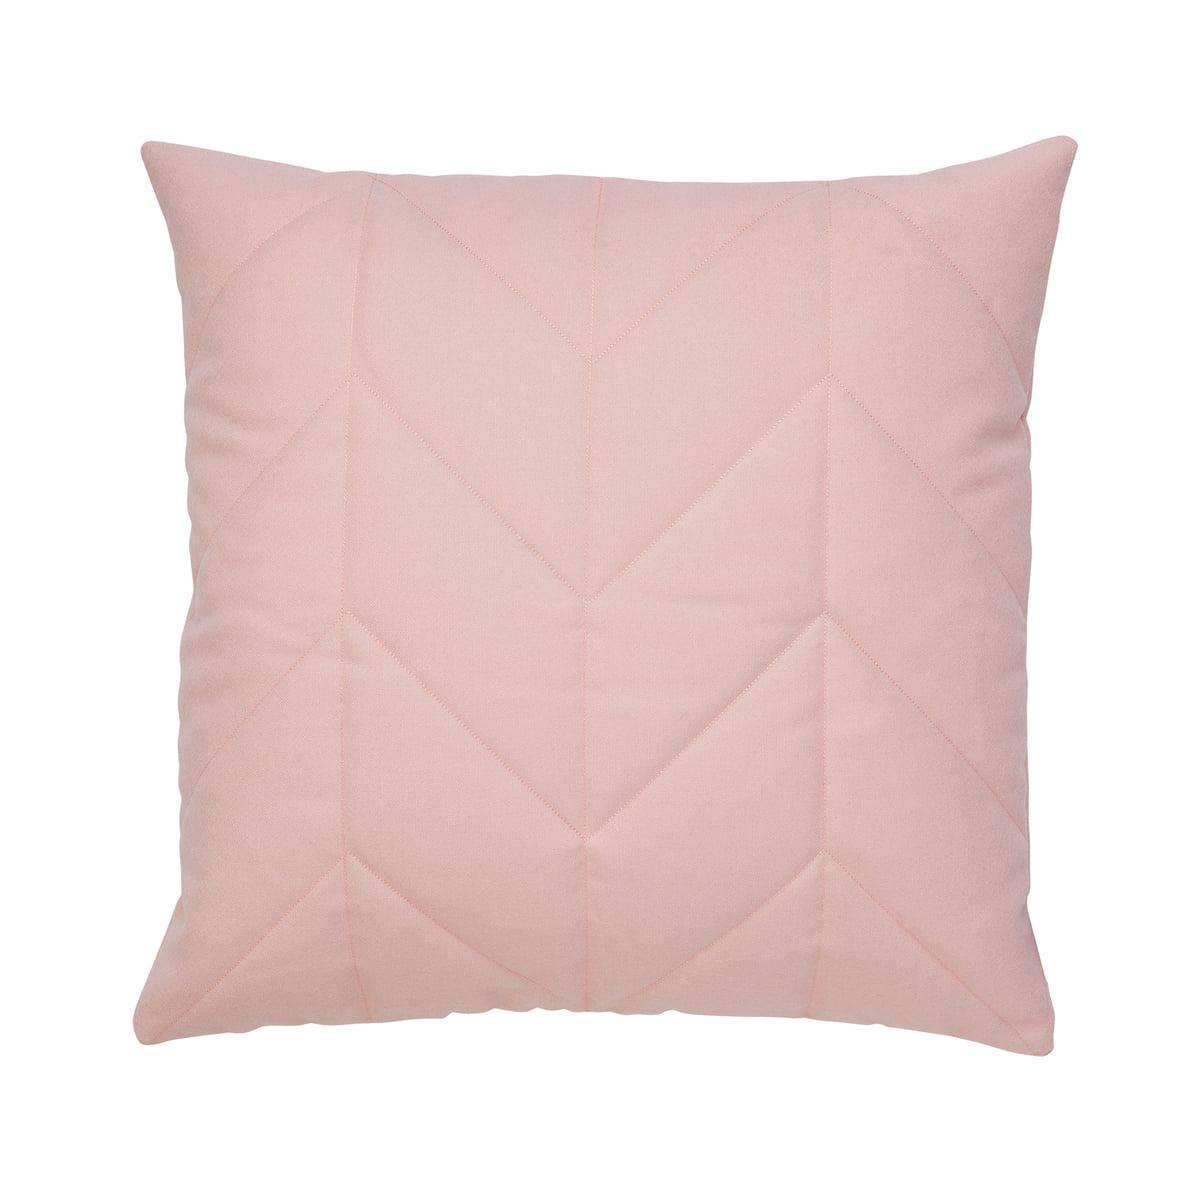 kissenbezug 50x50 rosa good kissenschn kissen x rosa kissen x rosa kissen im with kissenbezug. Black Bedroom Furniture Sets. Home Design Ideas